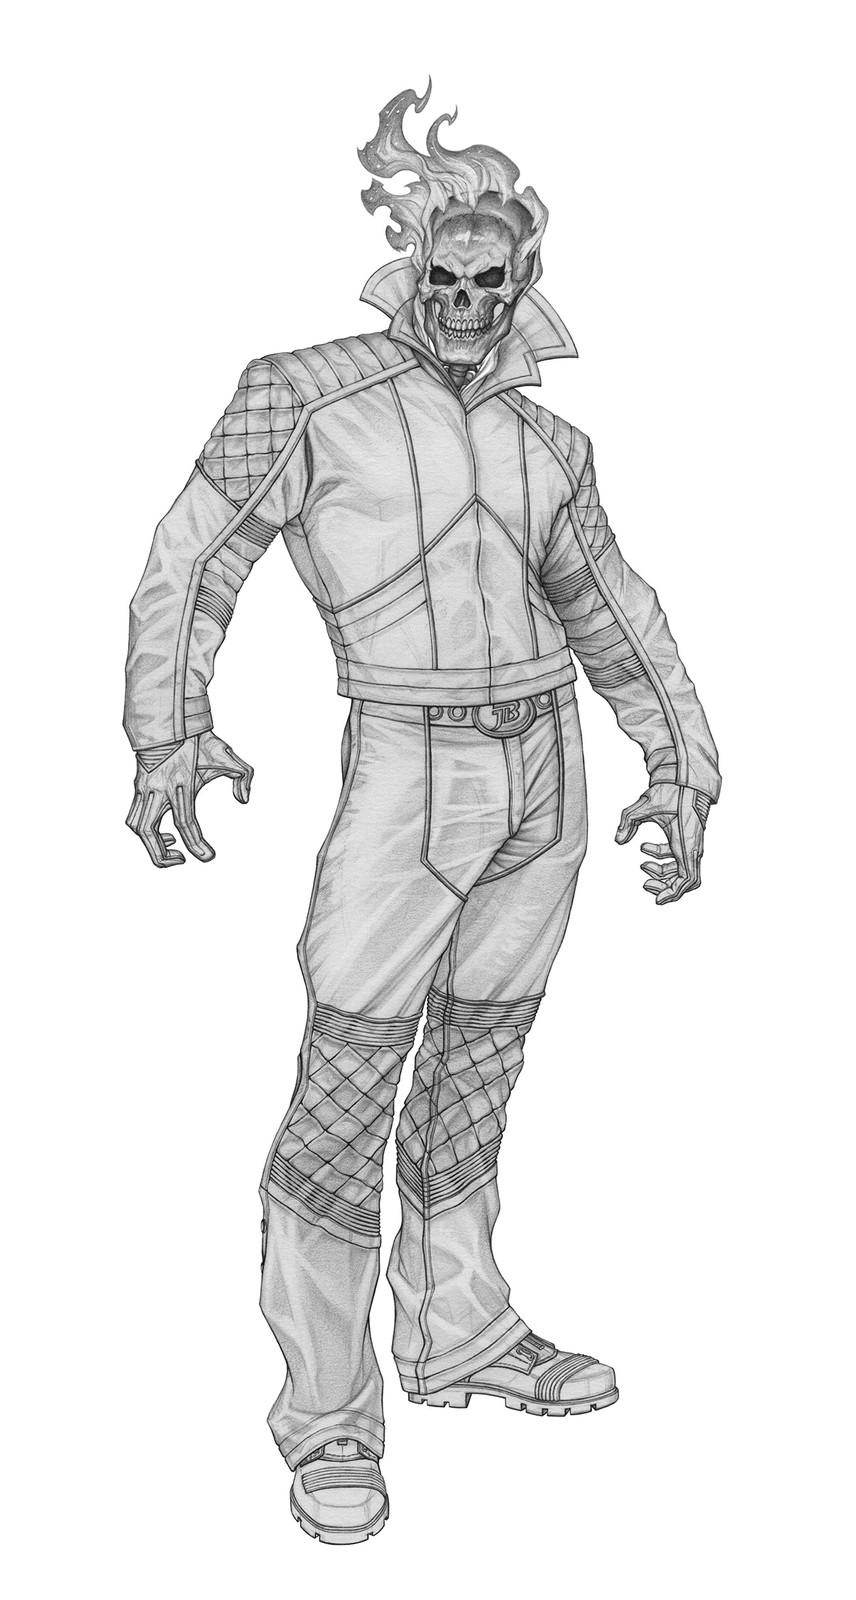 Pencil rendering - no bib